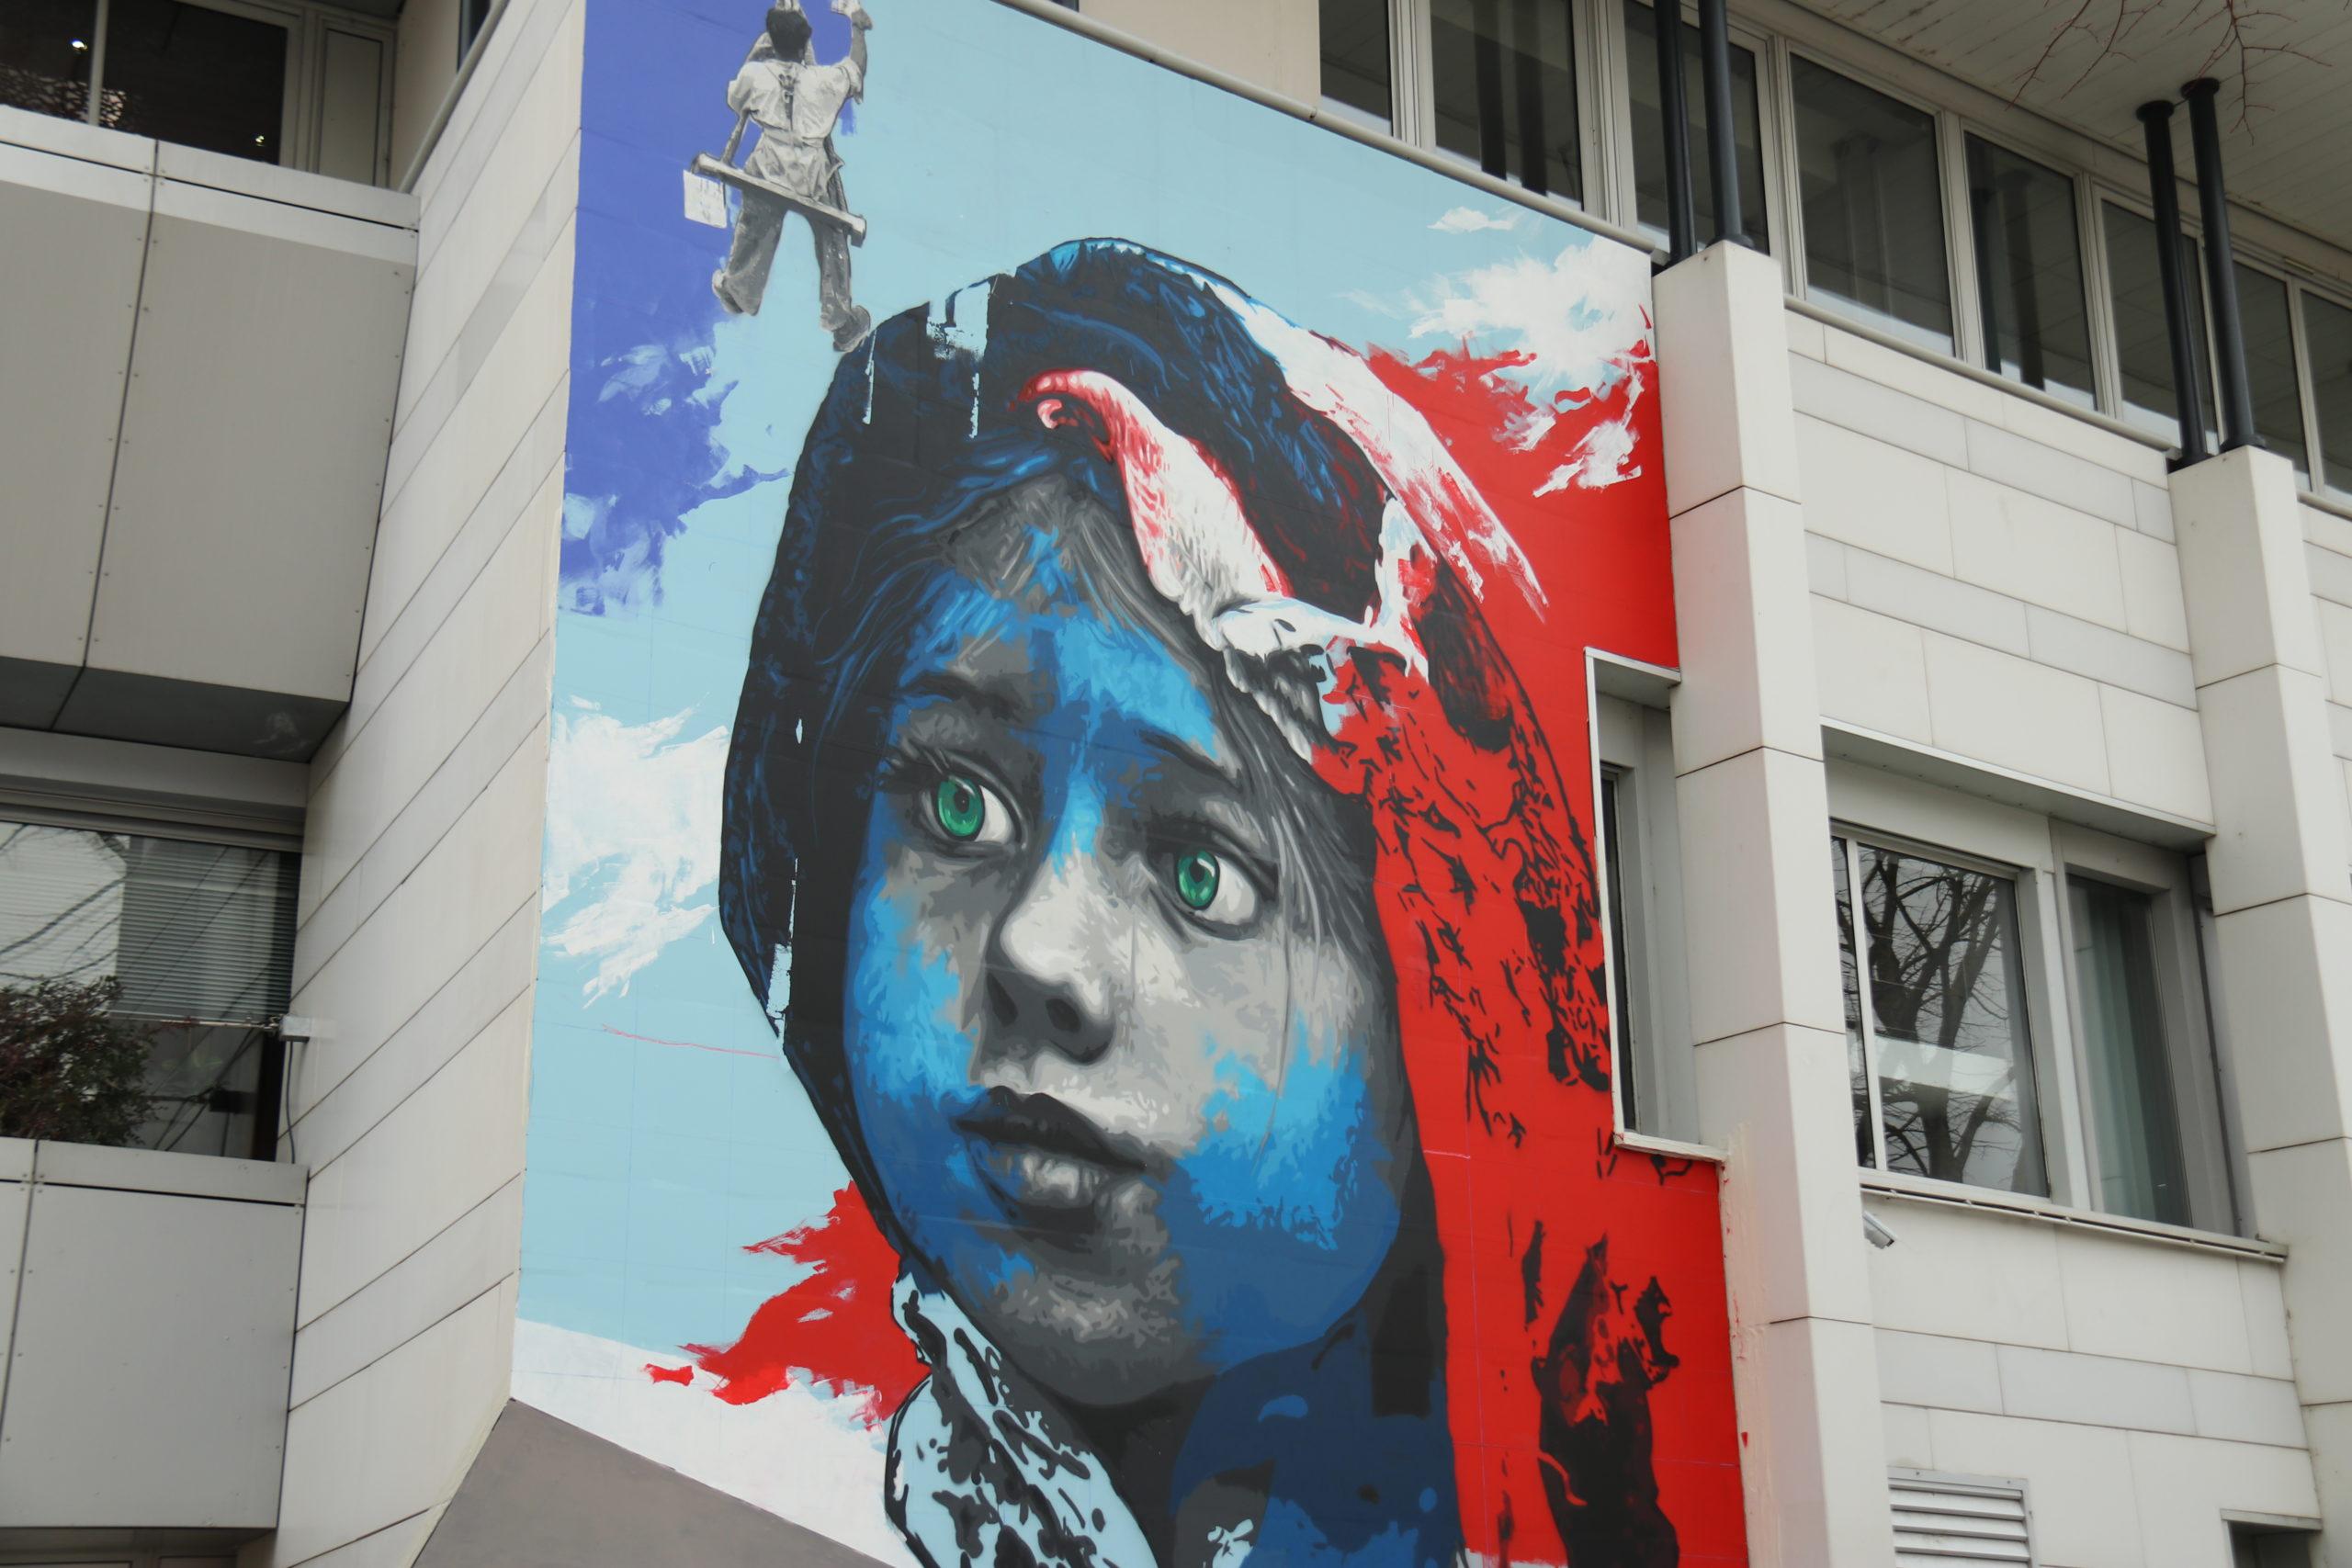 La fresque de Méro devant l'Hôtel de Ville de Blagnac, symbolisant la démocratie et la république. Crédit : Raphaël Crabos